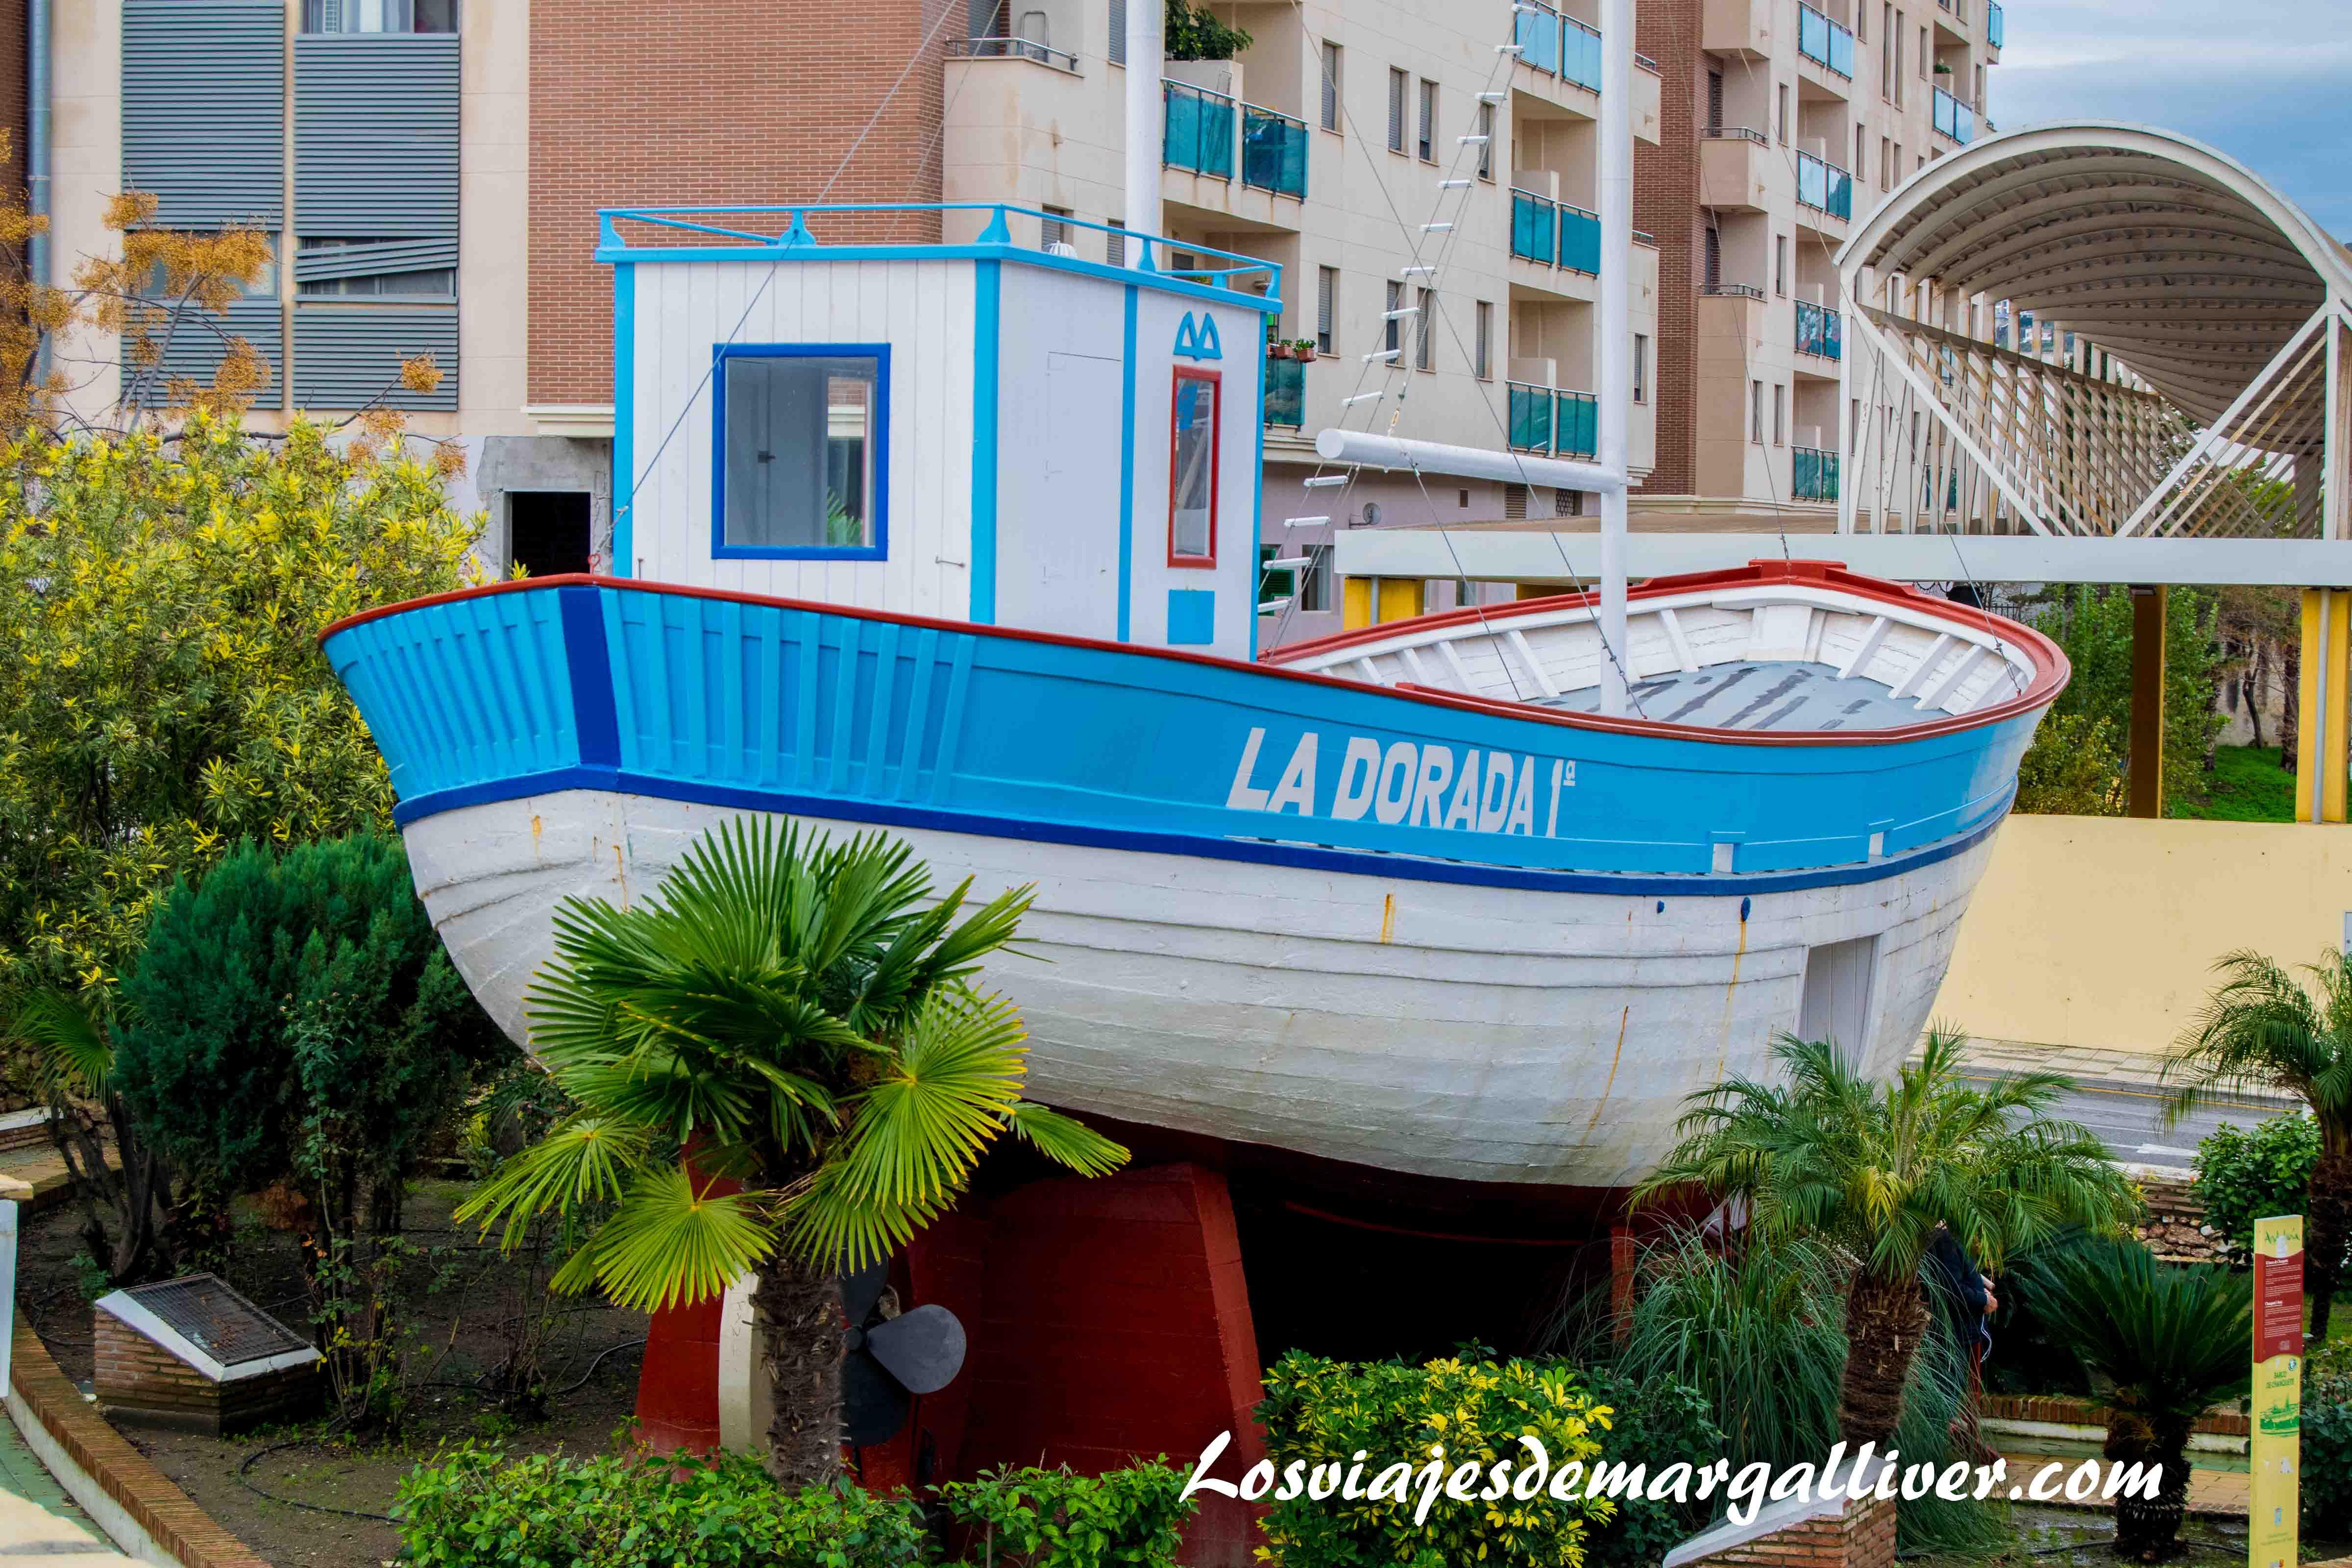 La dorada, el barco de chanquete, verano azul en Nerja - Los viajes de Margalliver